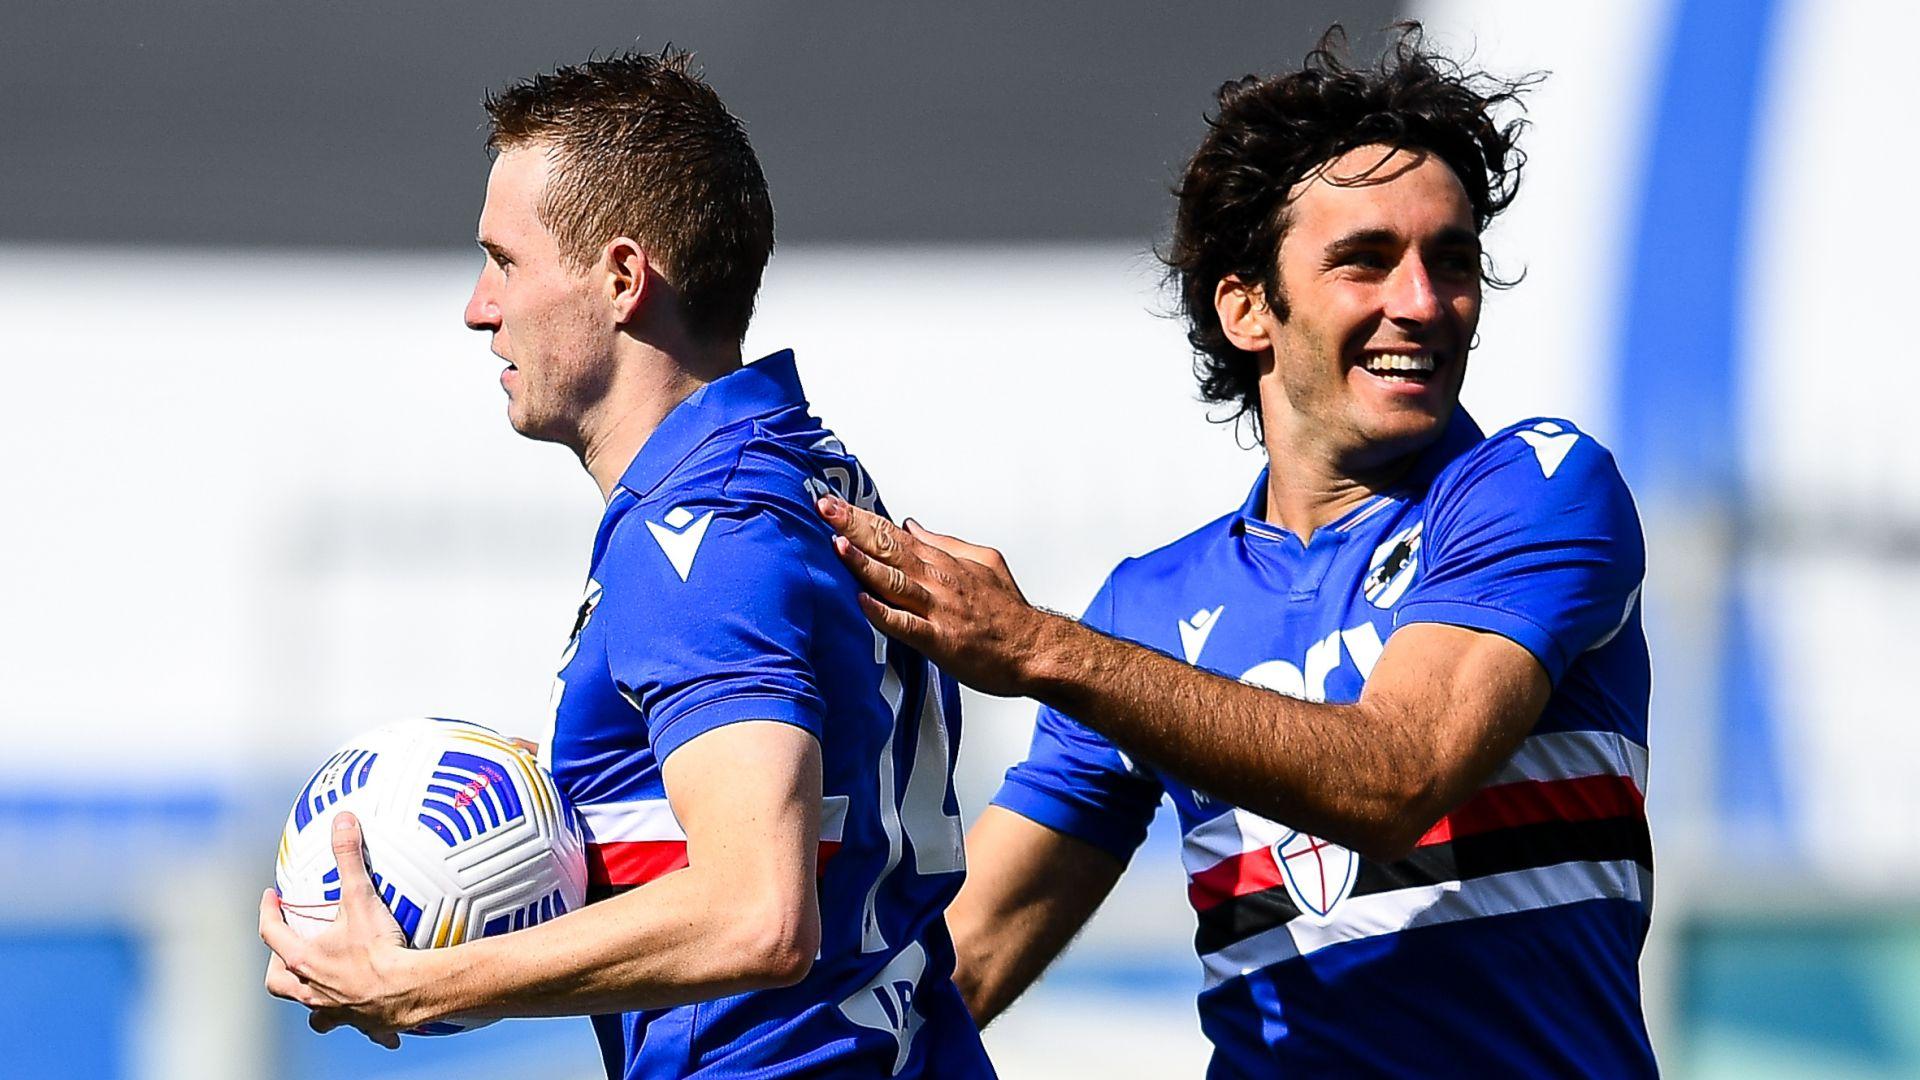 Sampdoria-Verona 3-1: rimonta blucerchiata nella ripresa, scaligeri ribaltati